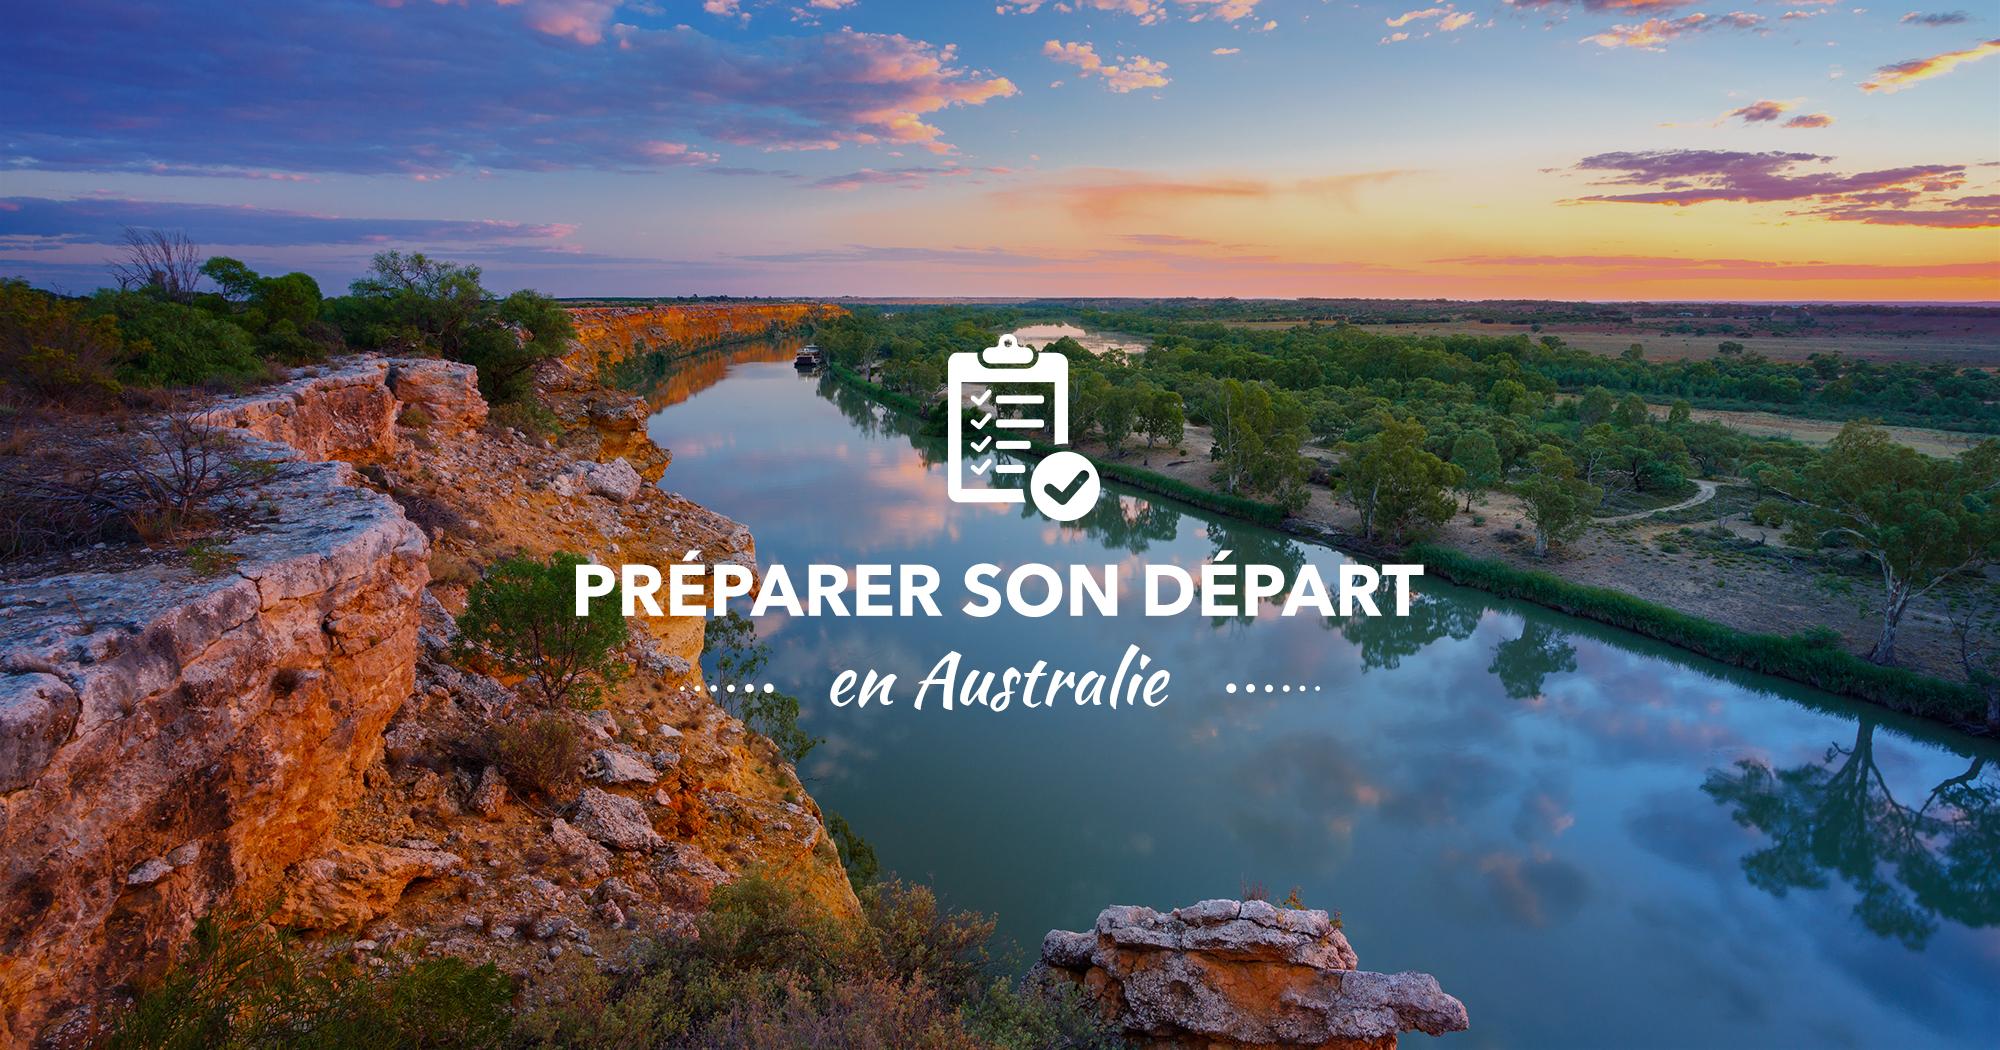 visuels-dossiers-whv-australie-preparer-son-depart